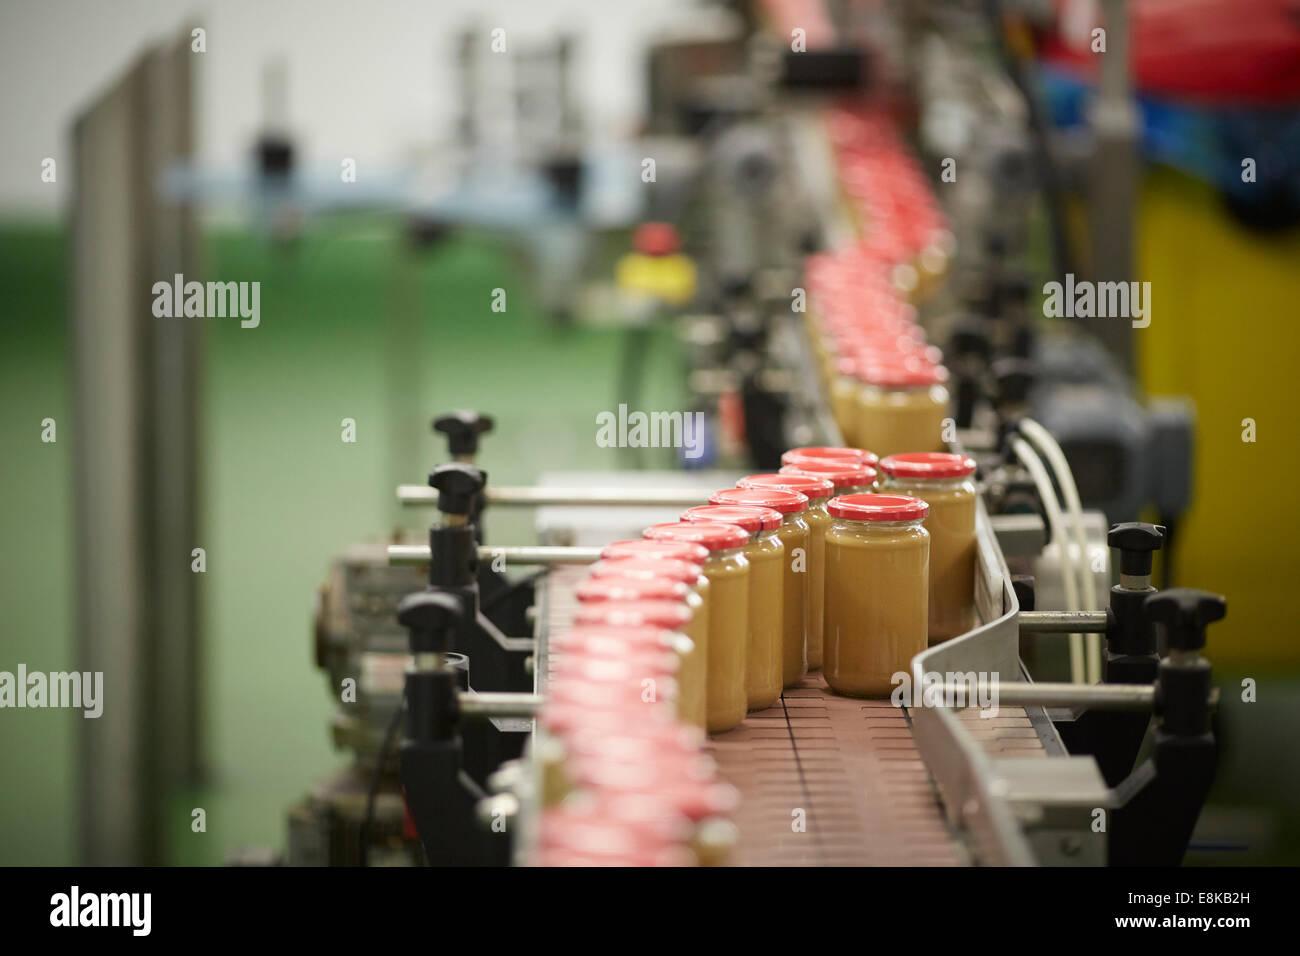 Planta de producción de fabricación de mantequilla de maní en el negocio familiar de línea de Imagen De Stock